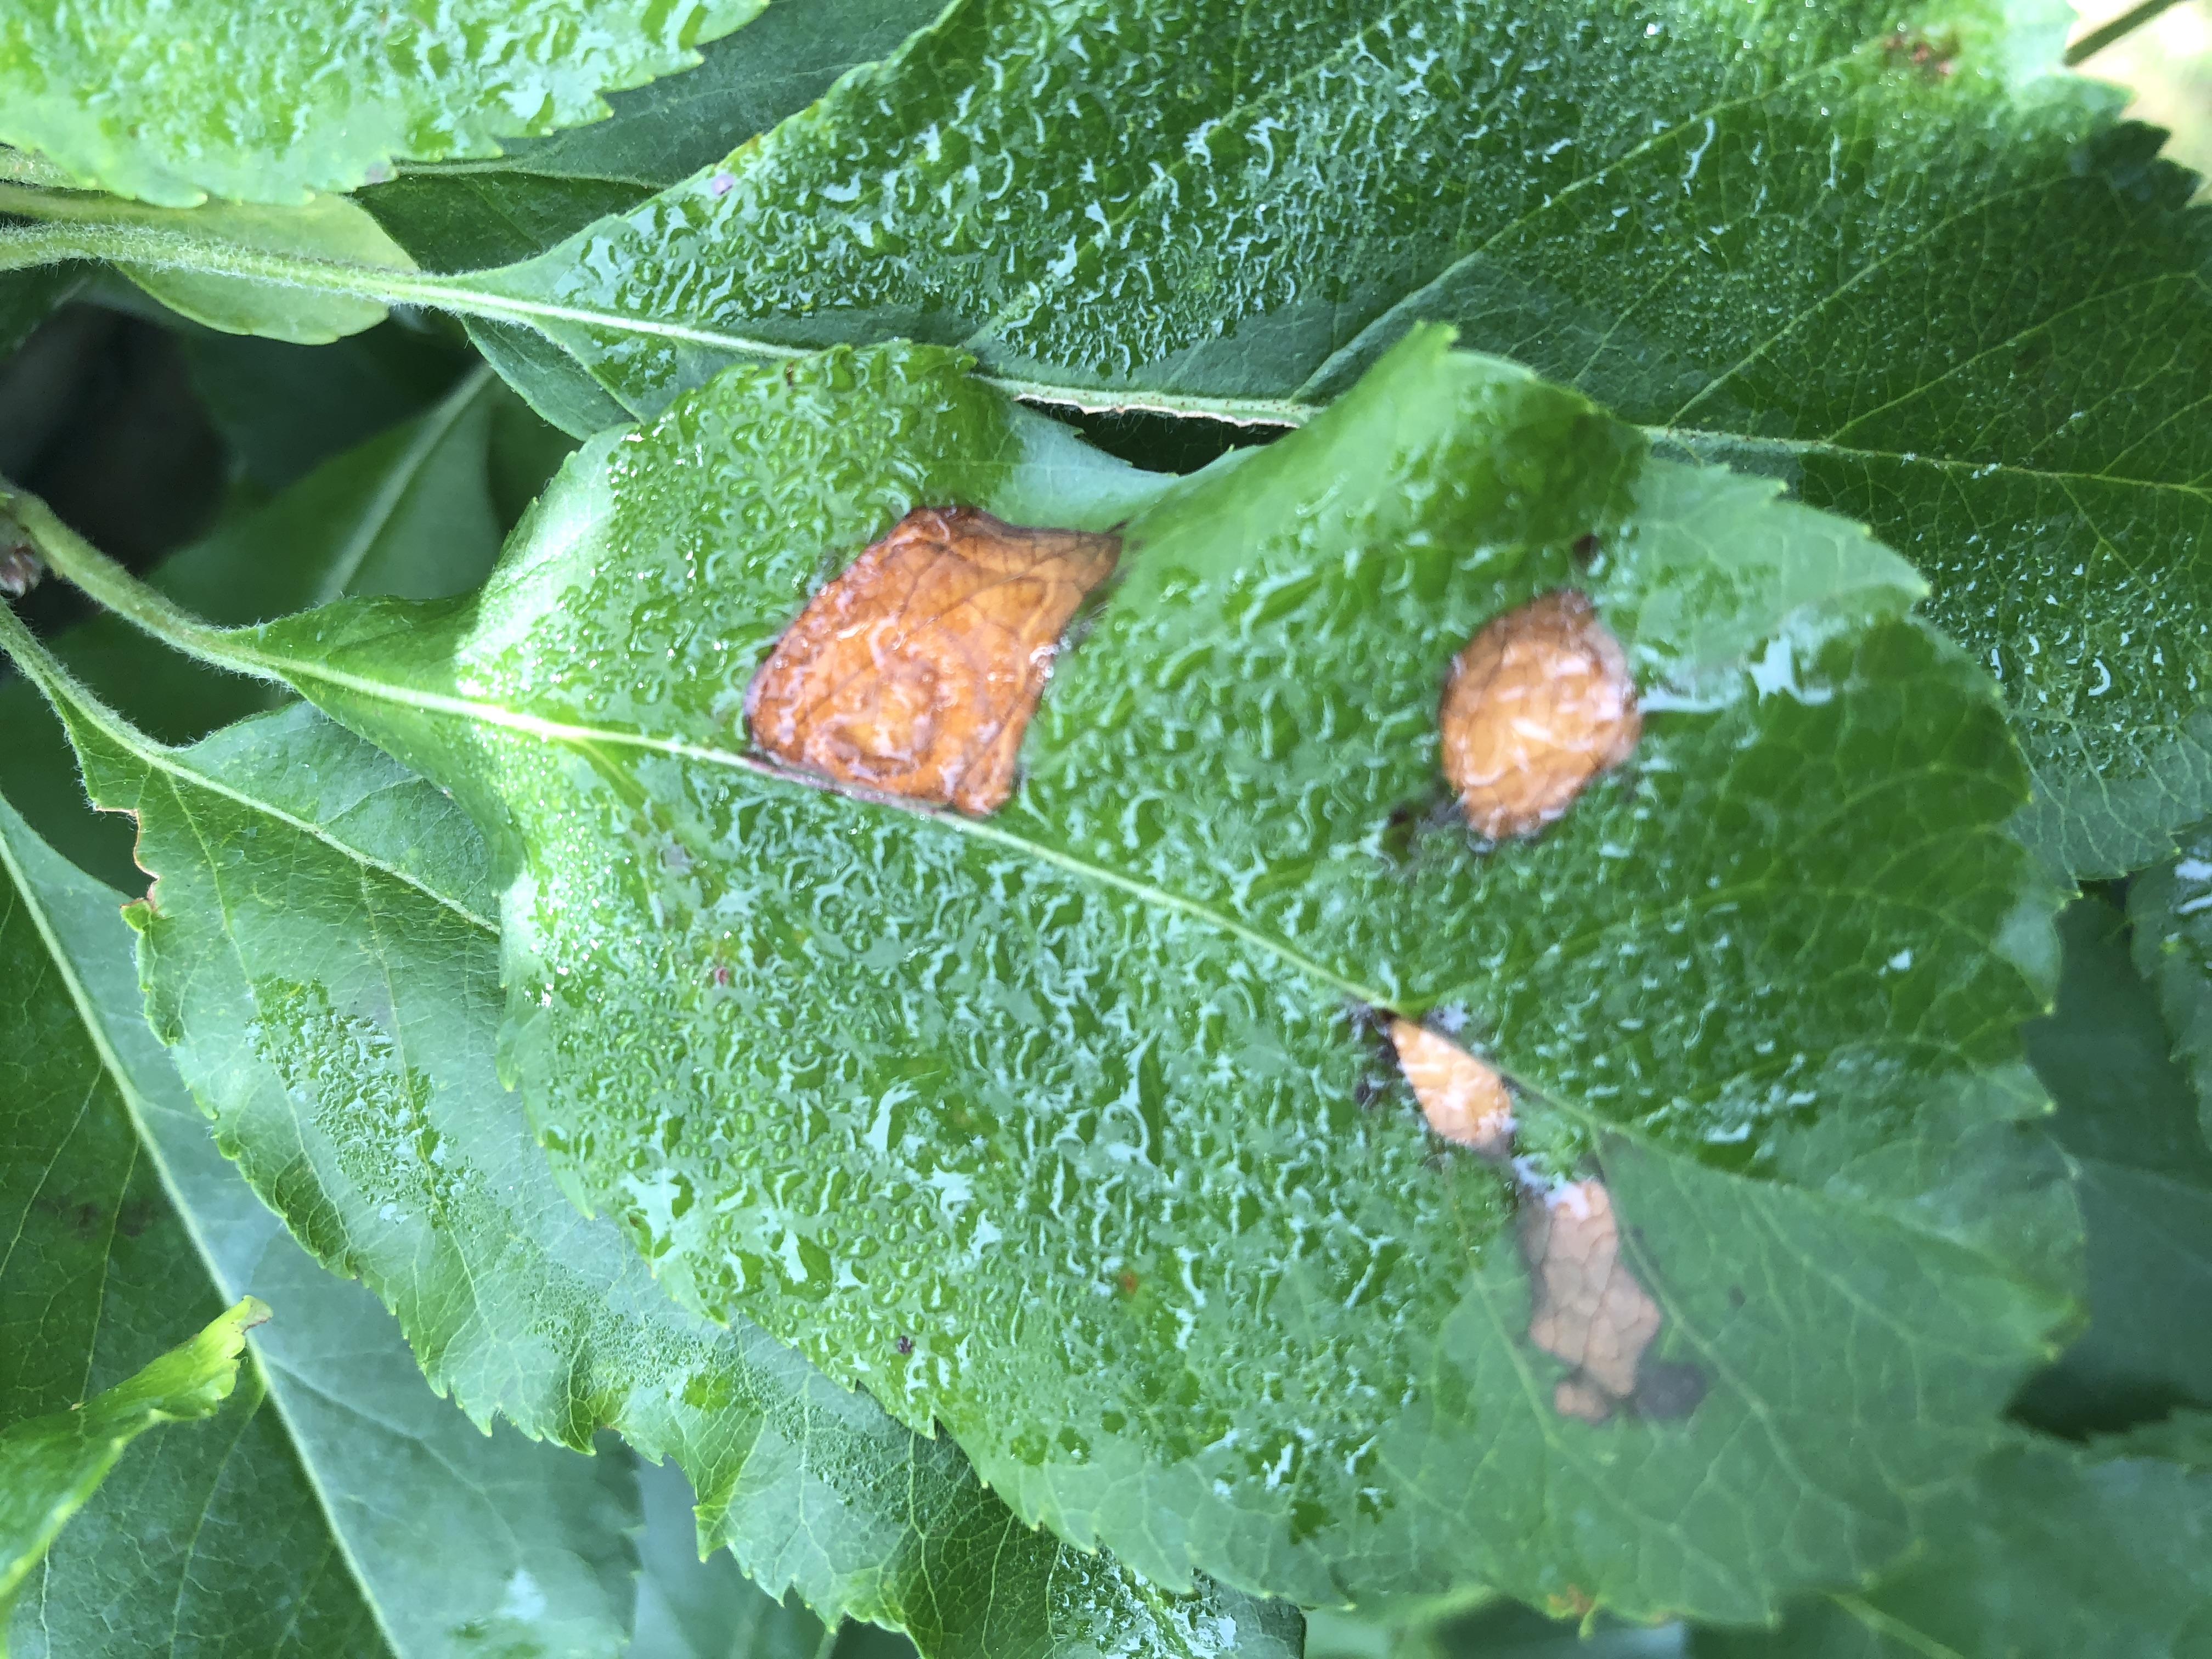 Image of Glomerella leaf spot